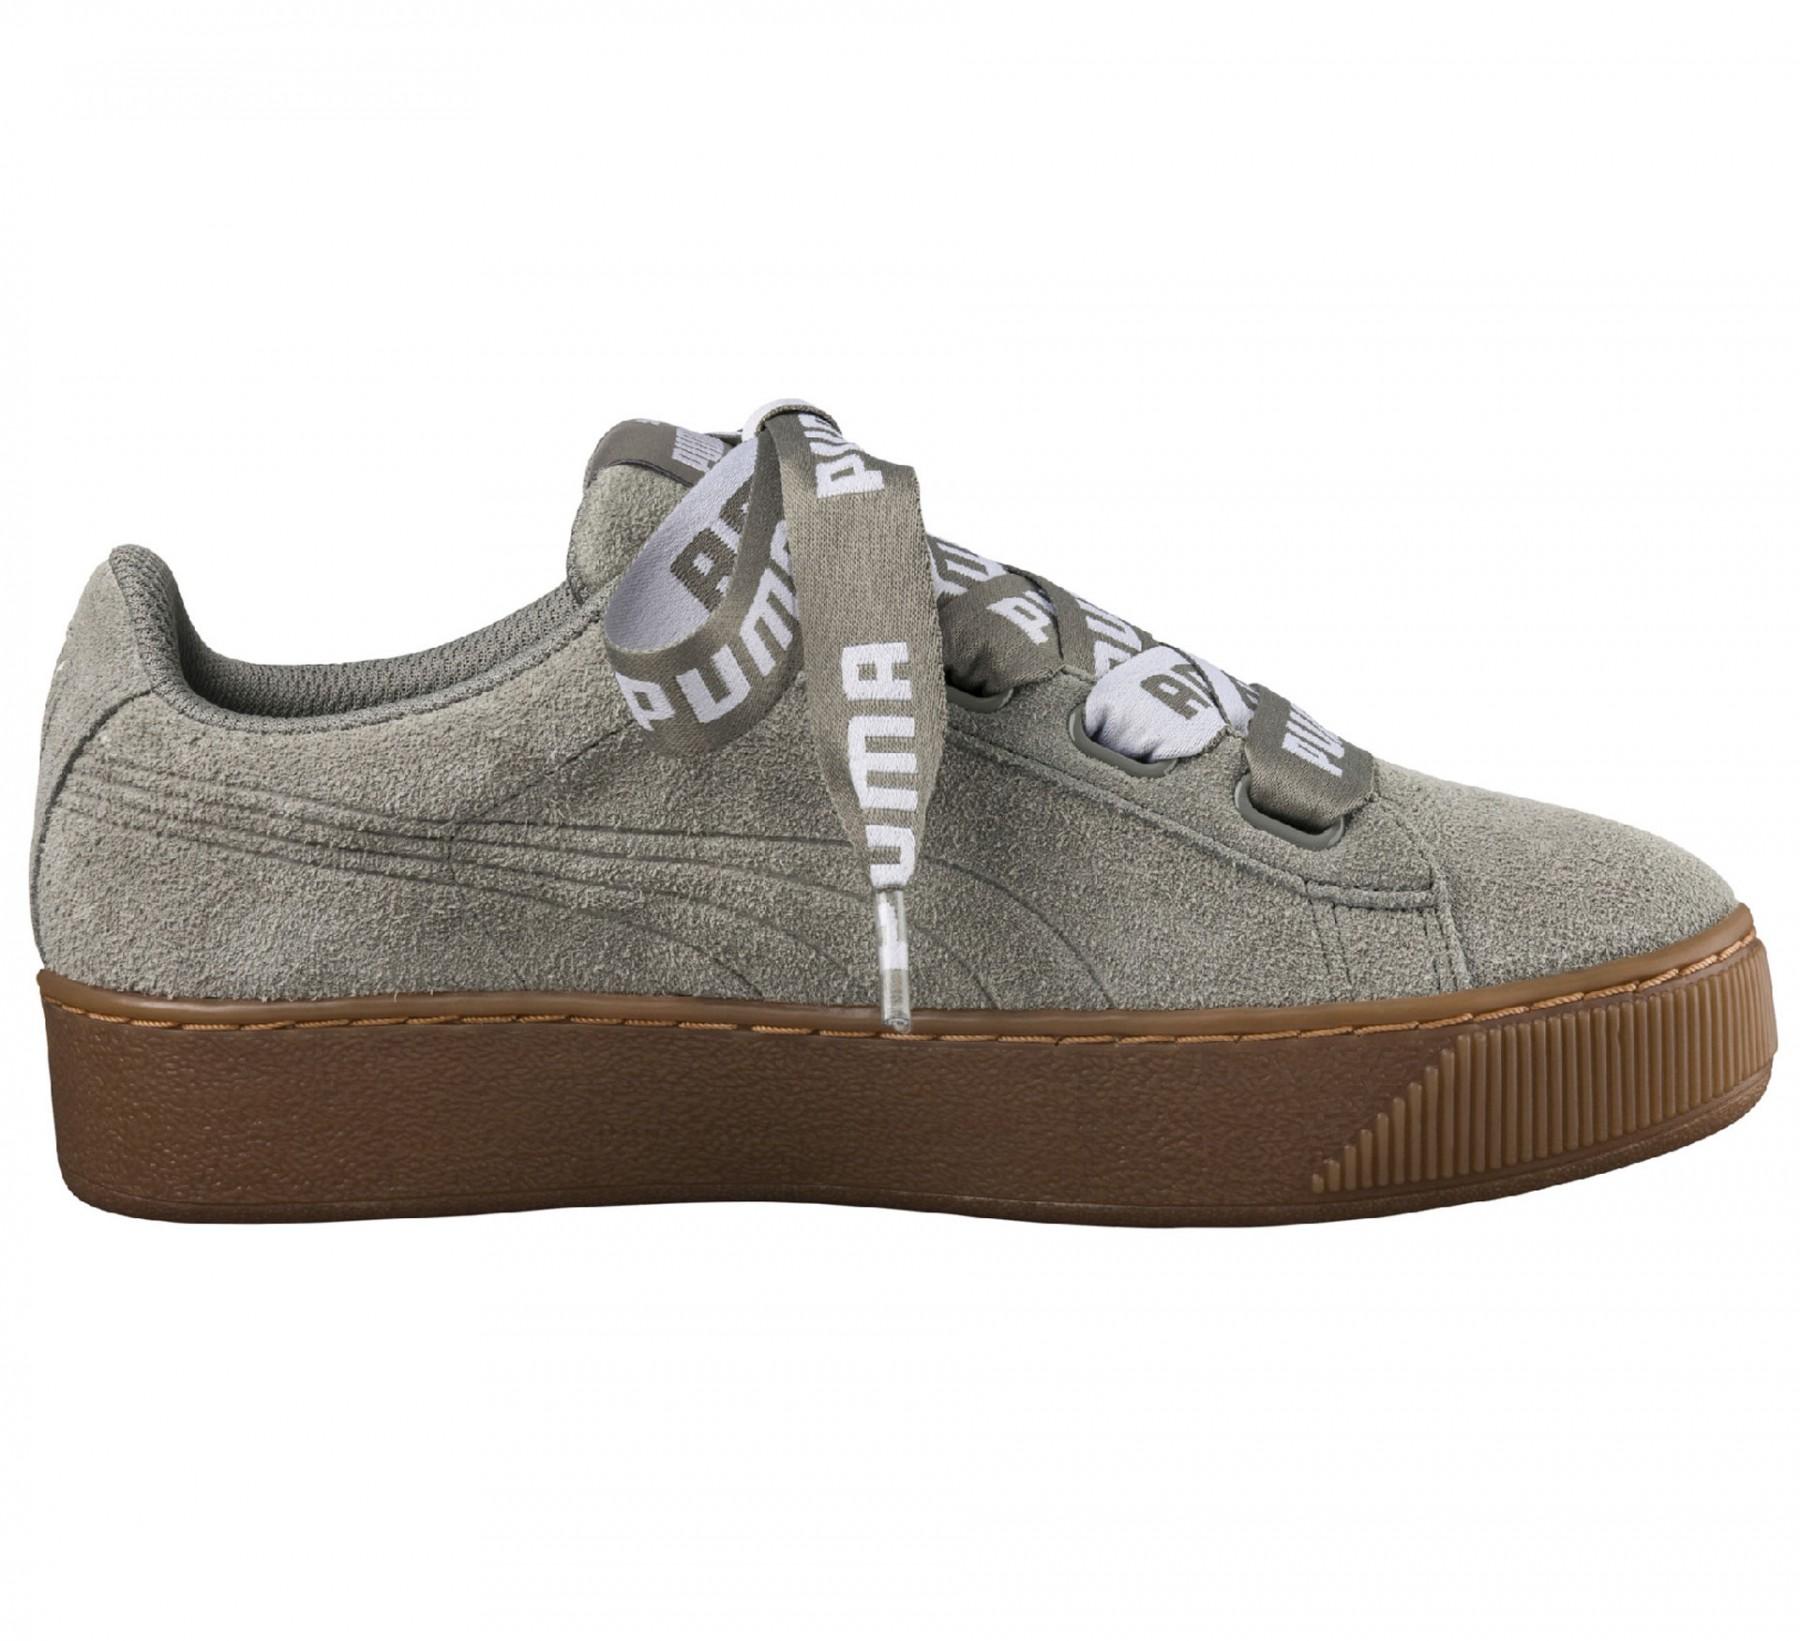 Puma Sportique Vikky Zeewolde Sneaker Dames Groen Grijze x171rXq